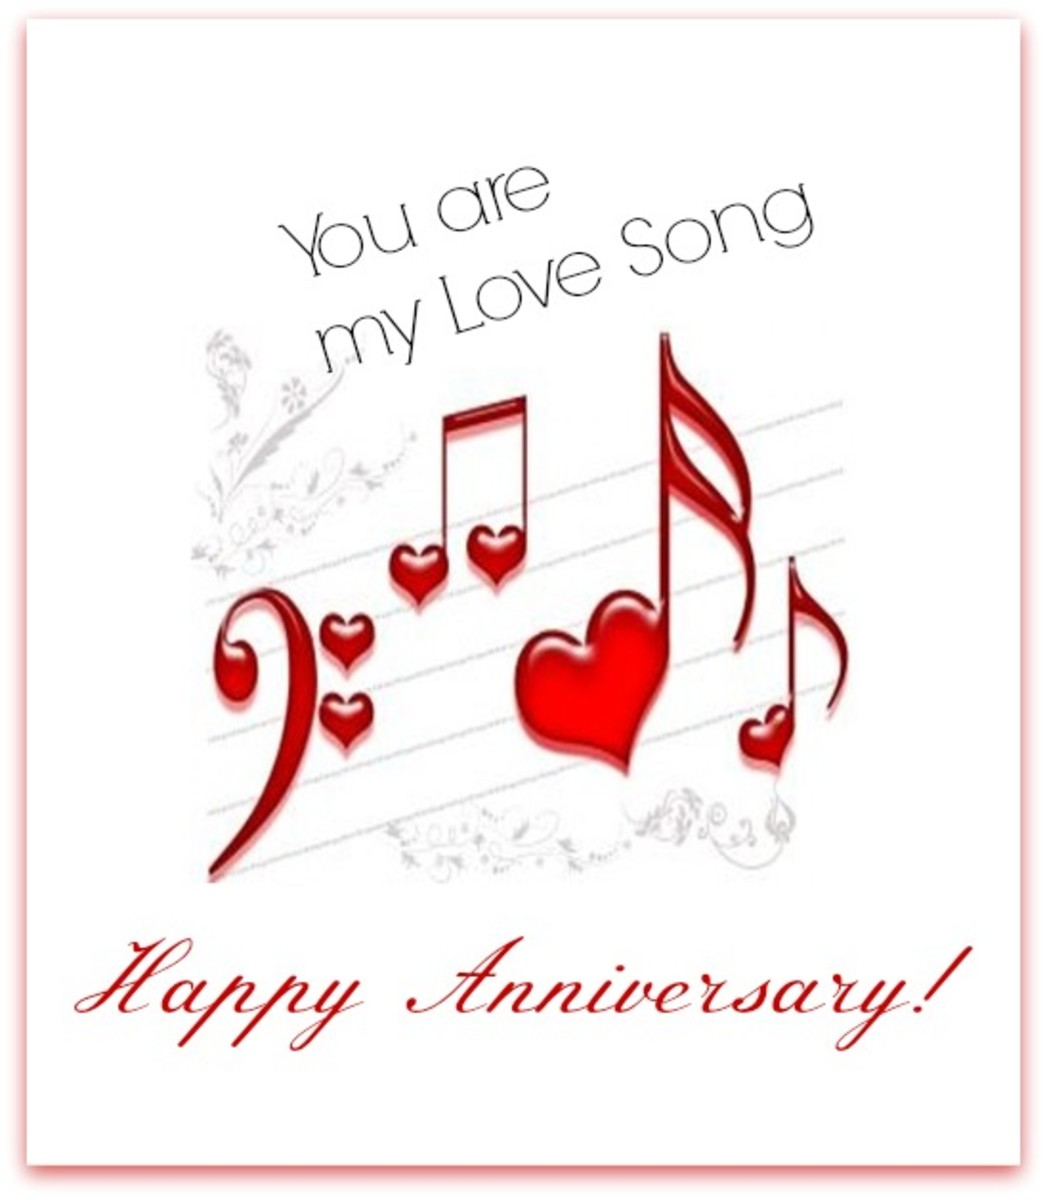 Love song anniversary wish